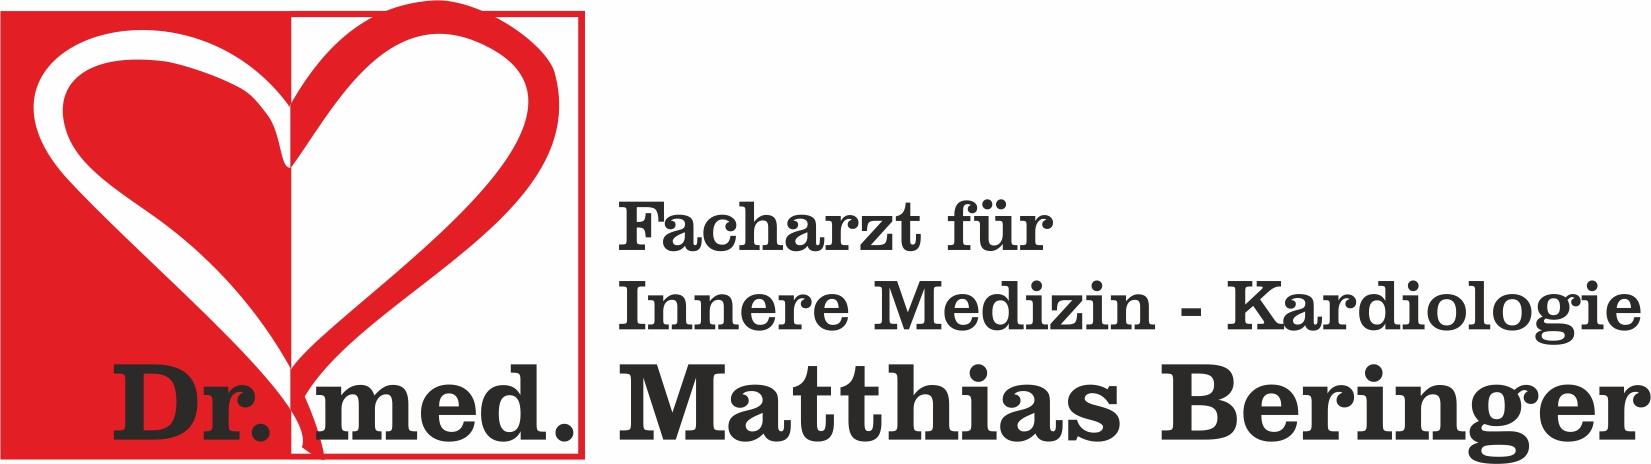 Dr. med. Matthias Beringer